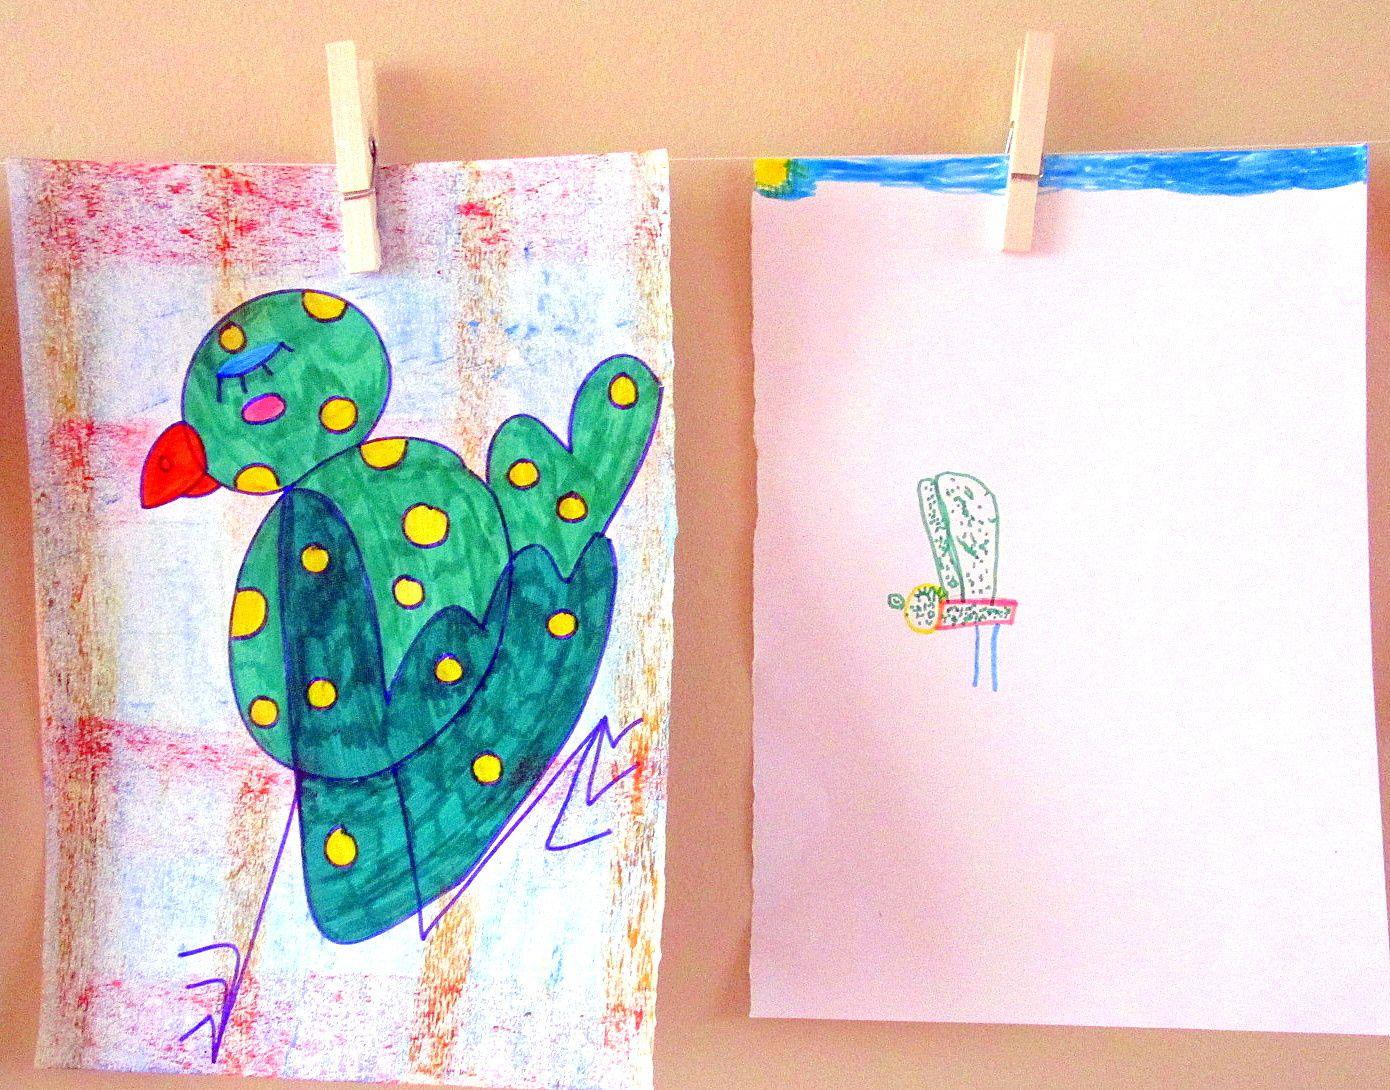 """~ Fin de séance ~ Atelier improvisé ~ Dessin imaginatif ~ """"Mon oiseau a, est..."""" ~"""